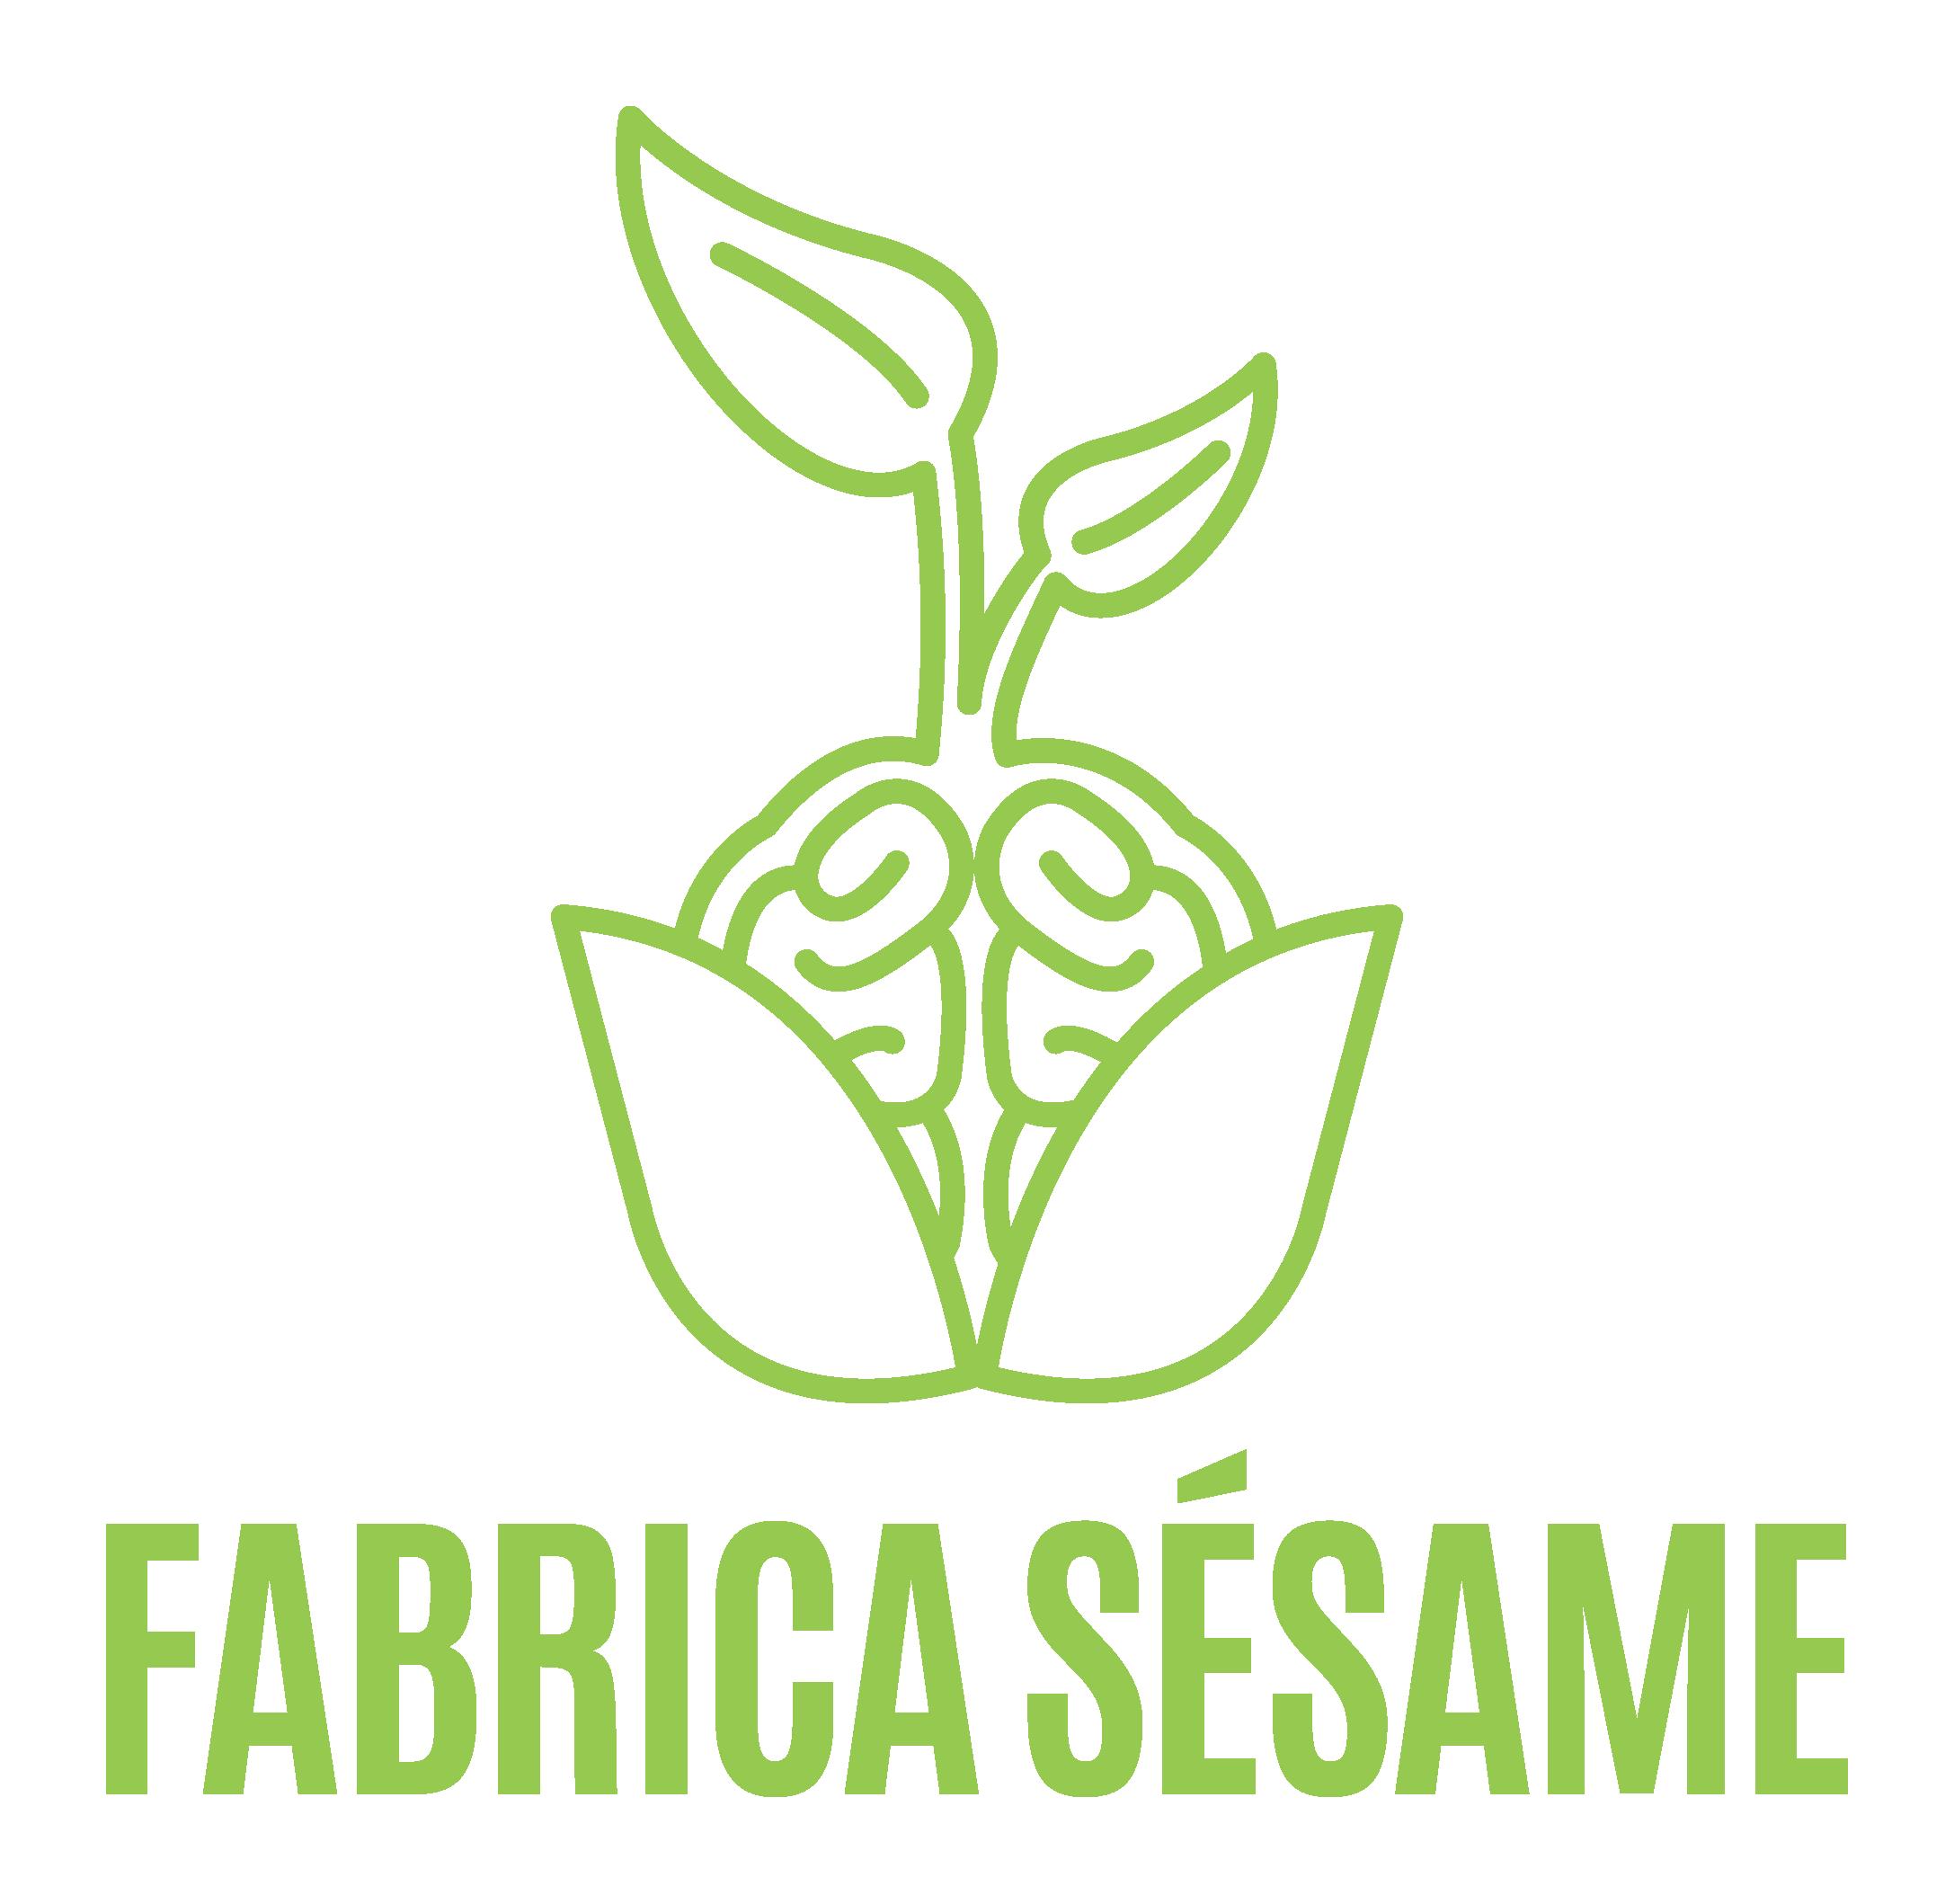 FABRICA SESAME